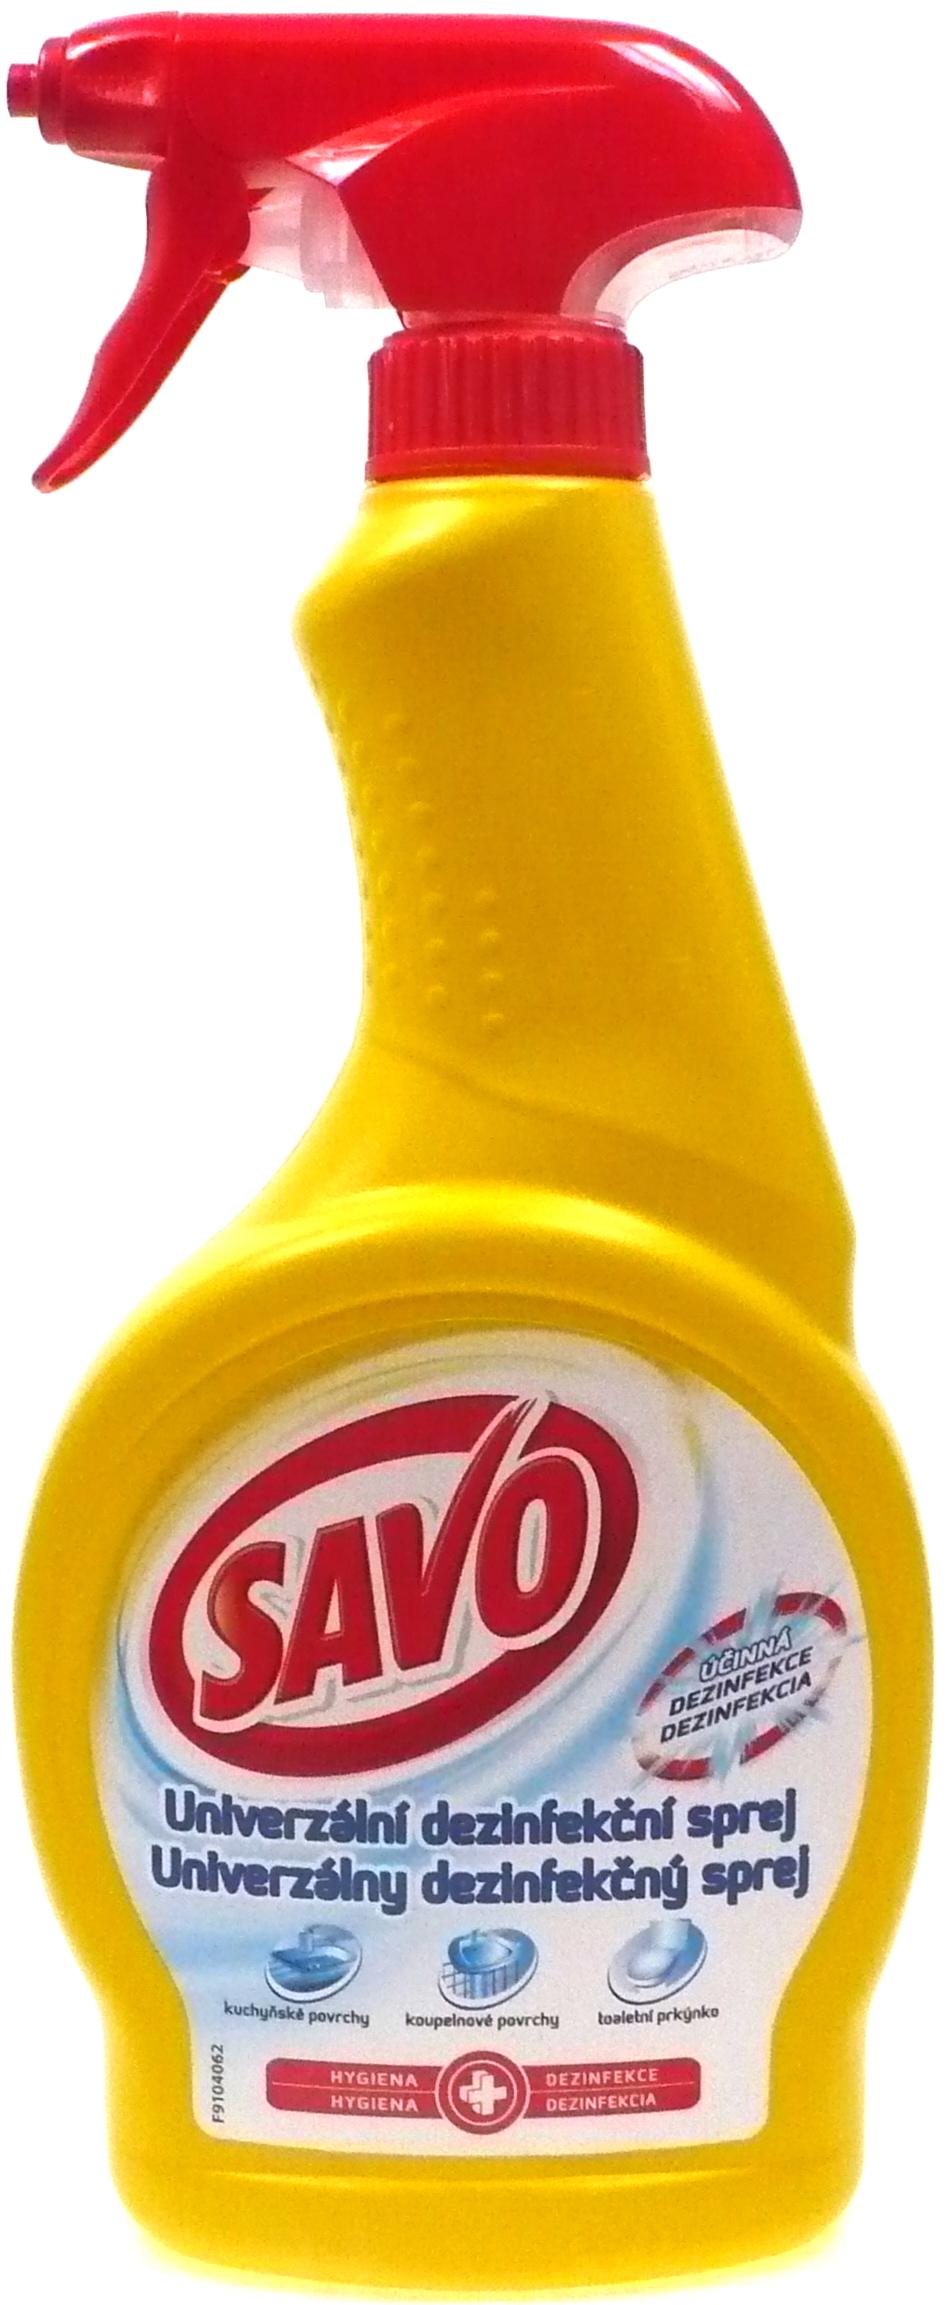 Fotografie Savo univerzální dezinfekční sprej 500 ml